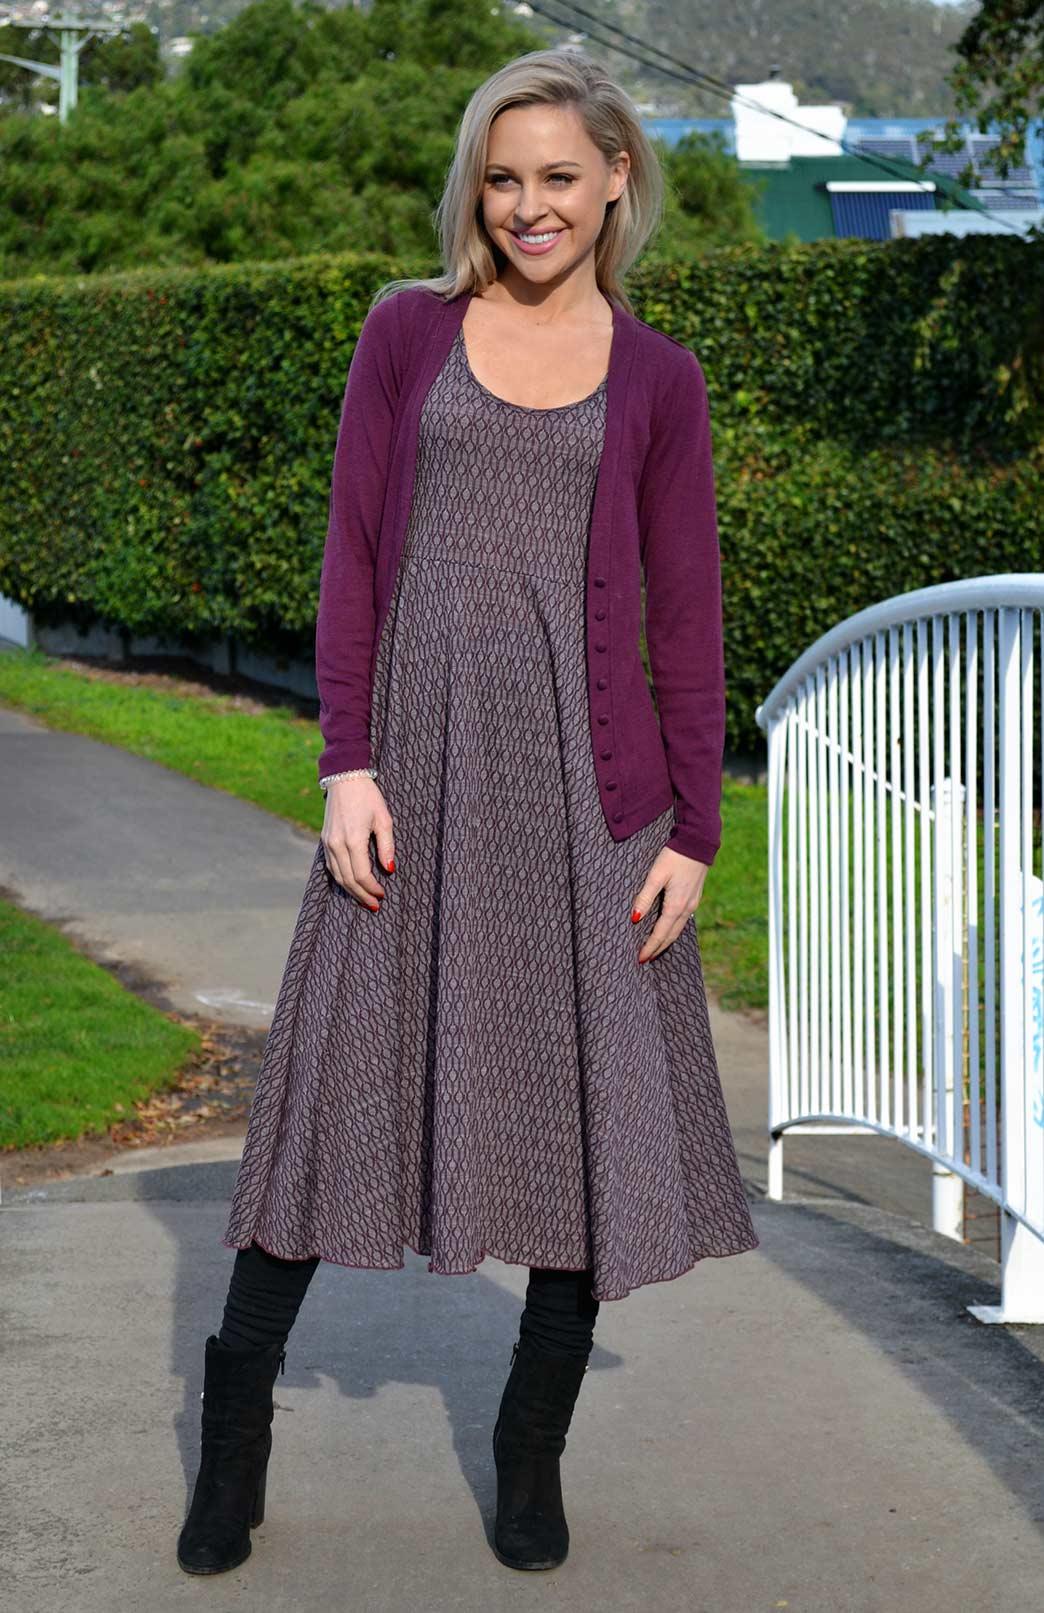 Fan Dress - Patterned Fabric - Women's Raisin Keyhole Patterned Woollen Dress with empire waistline - Smitten Merino Tasmania Australia